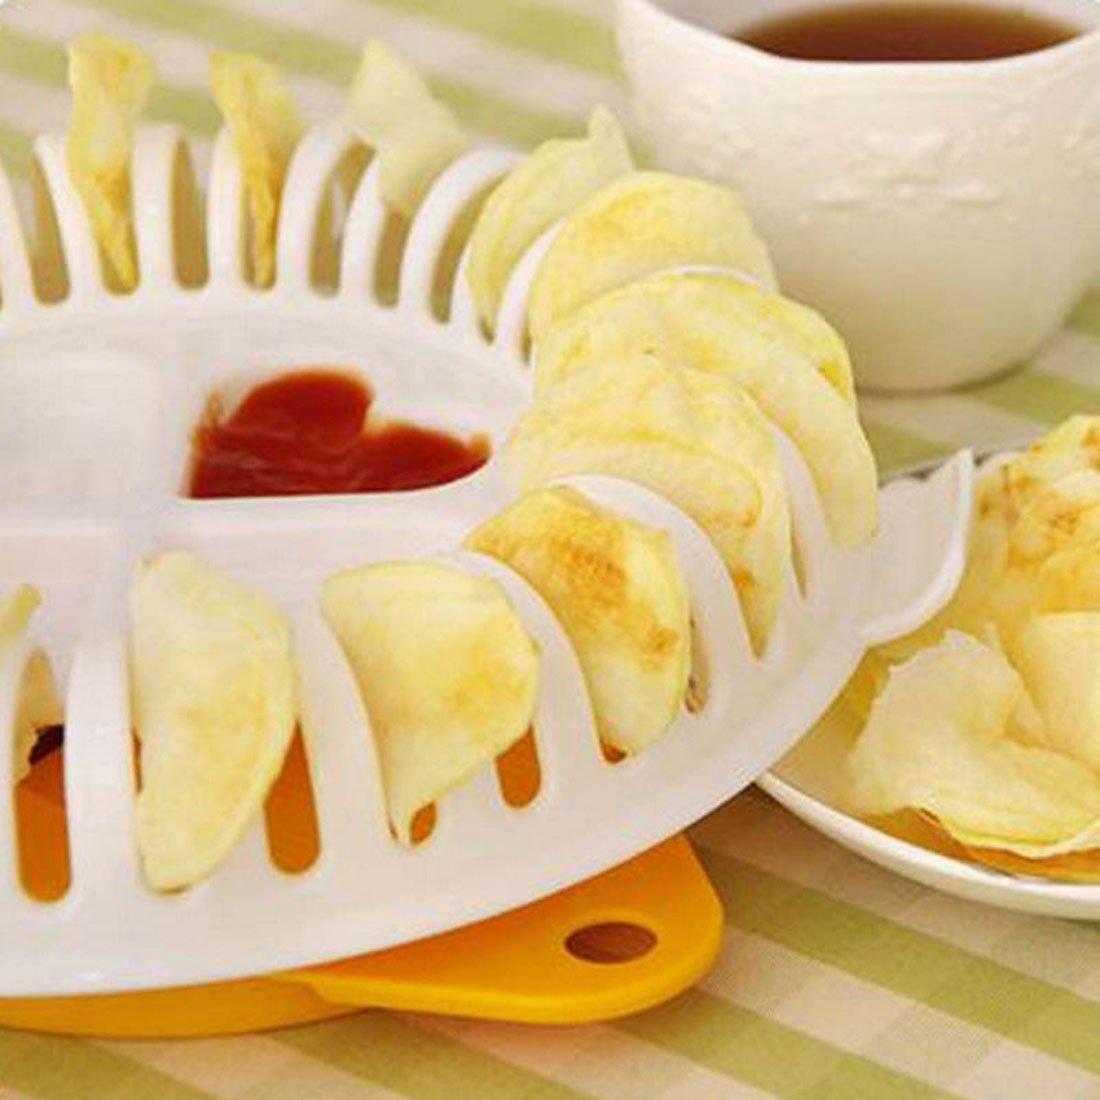 Bestland Mikrowelle Oven Baked Kartoffelchips Maker DIY Öl frei Homemade Device